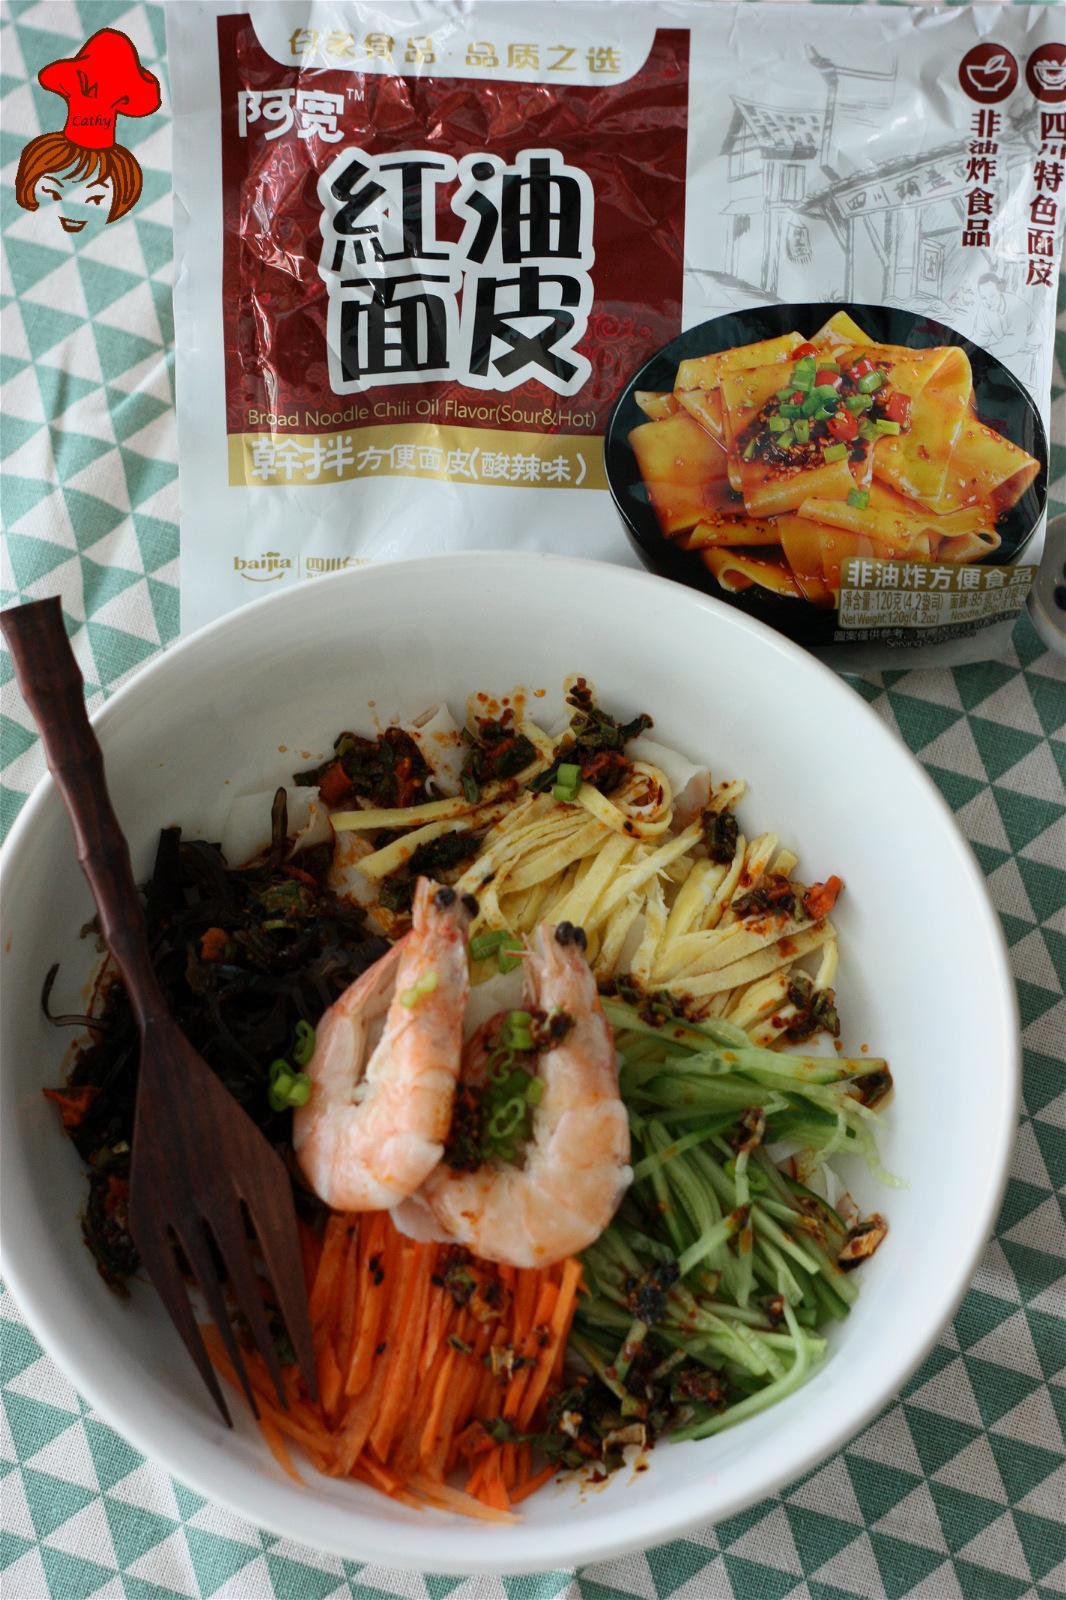 乾拌紅油食蔬大蝦麵皮